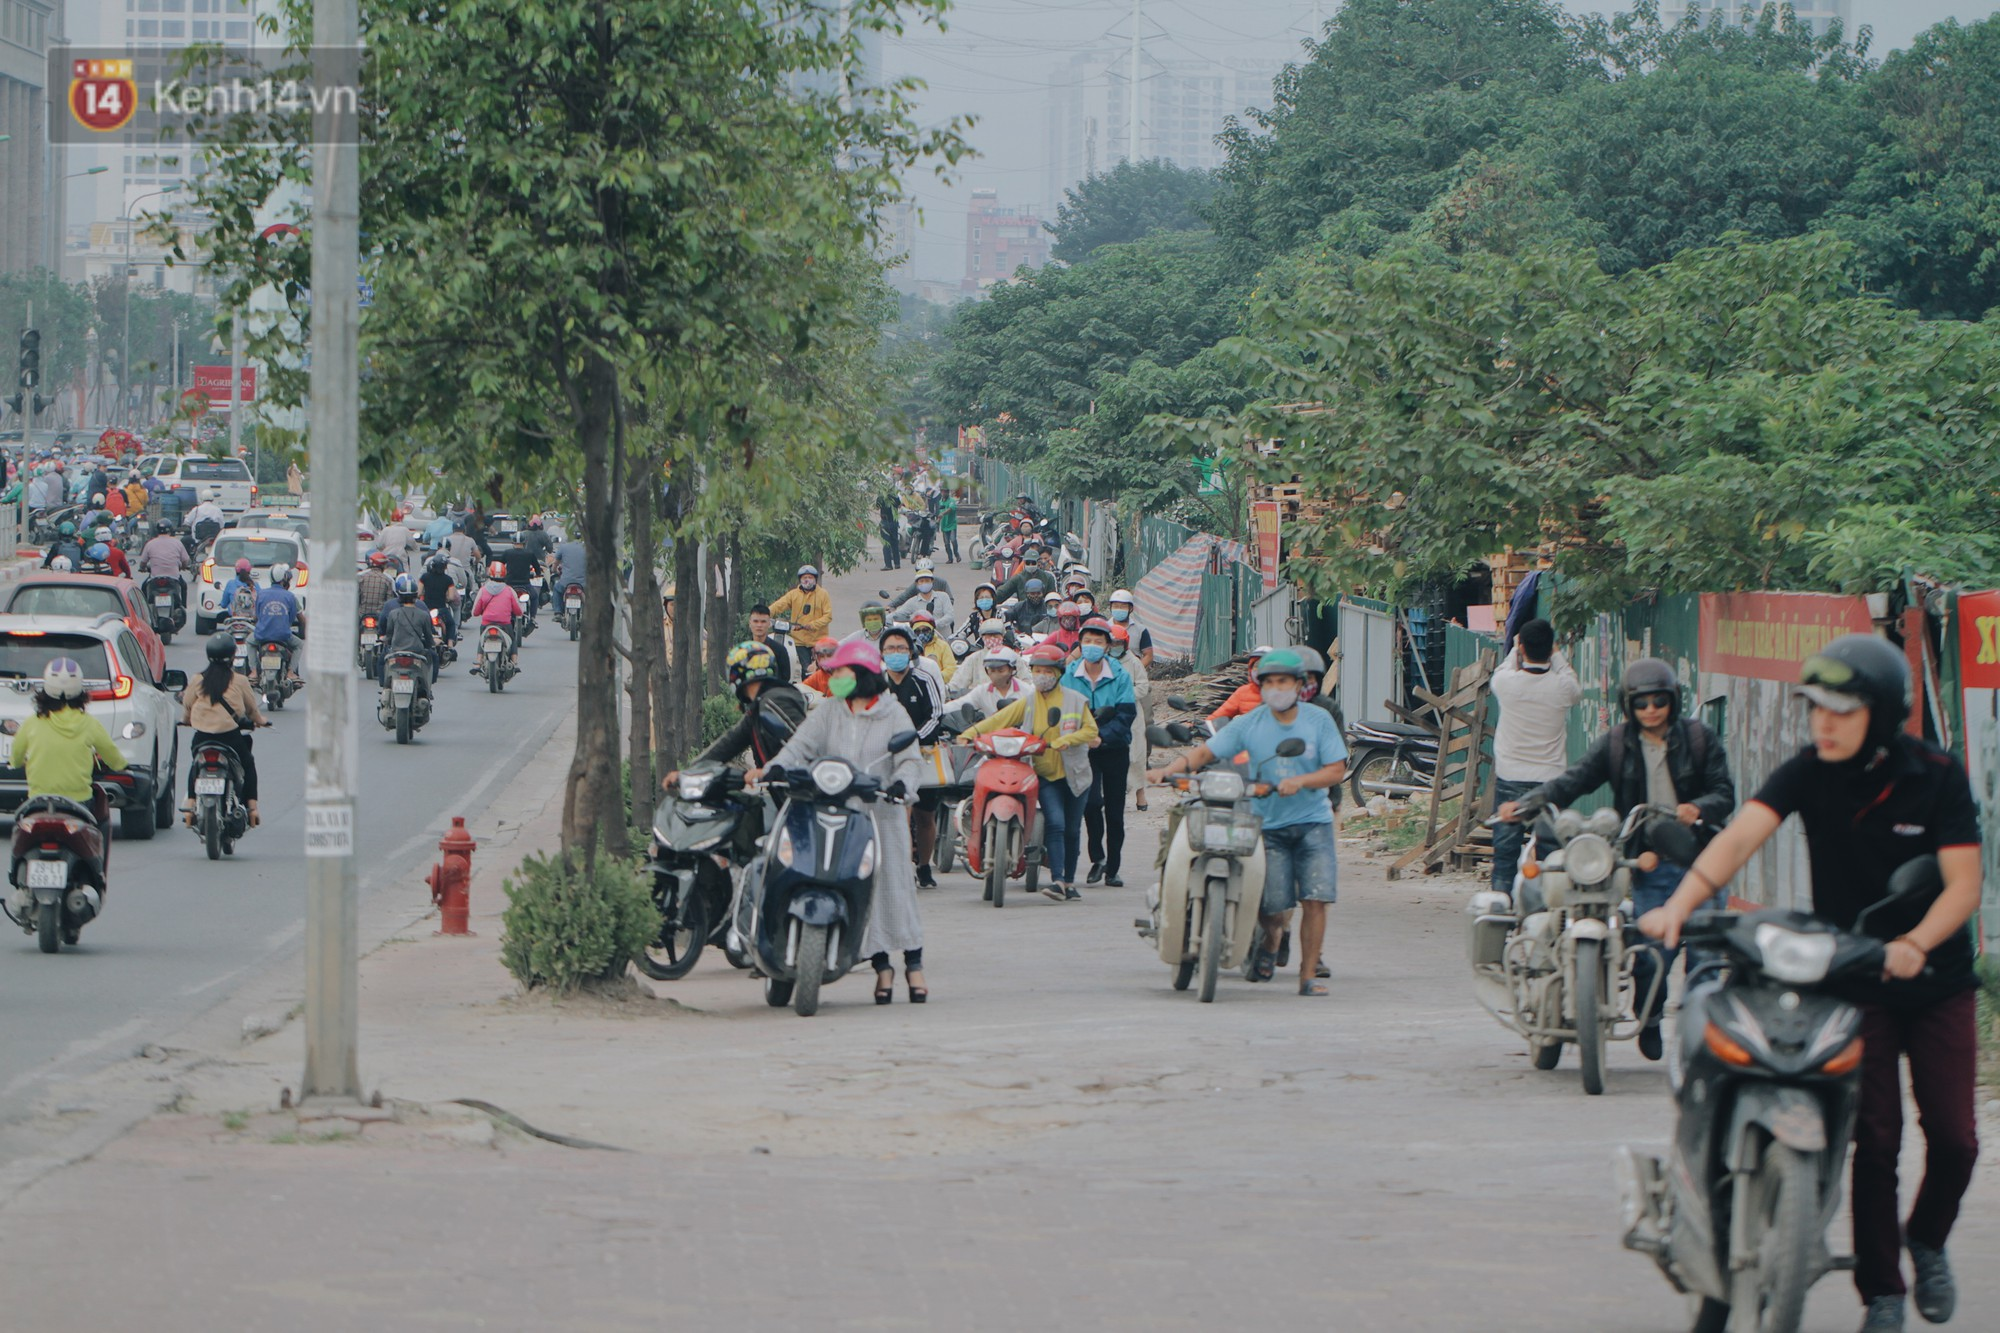 Hàng trăm người dắt xe máy ngược chiều trên vỉa hè: Dù biết là sai và đẩy như vậy mệt lắm nhưng cực chẳng đã... - Ảnh 4.